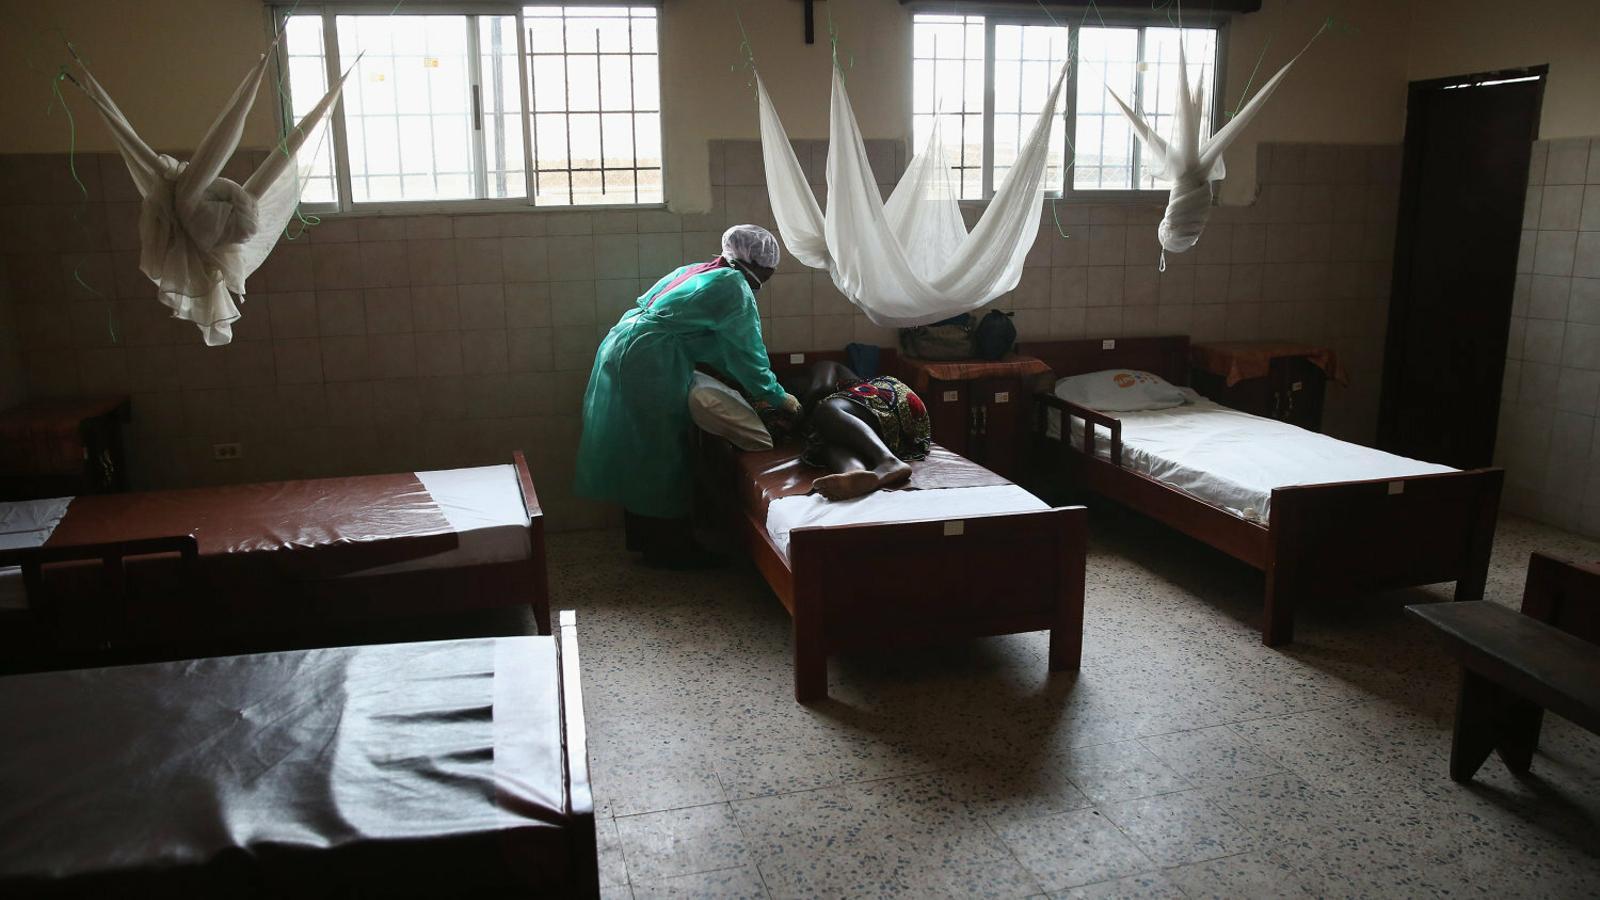 L'Ebola ha causat la mort al 90% dels pacients infectats, sobretot en regions amb poca infraestructura sanitària, com Libèria.